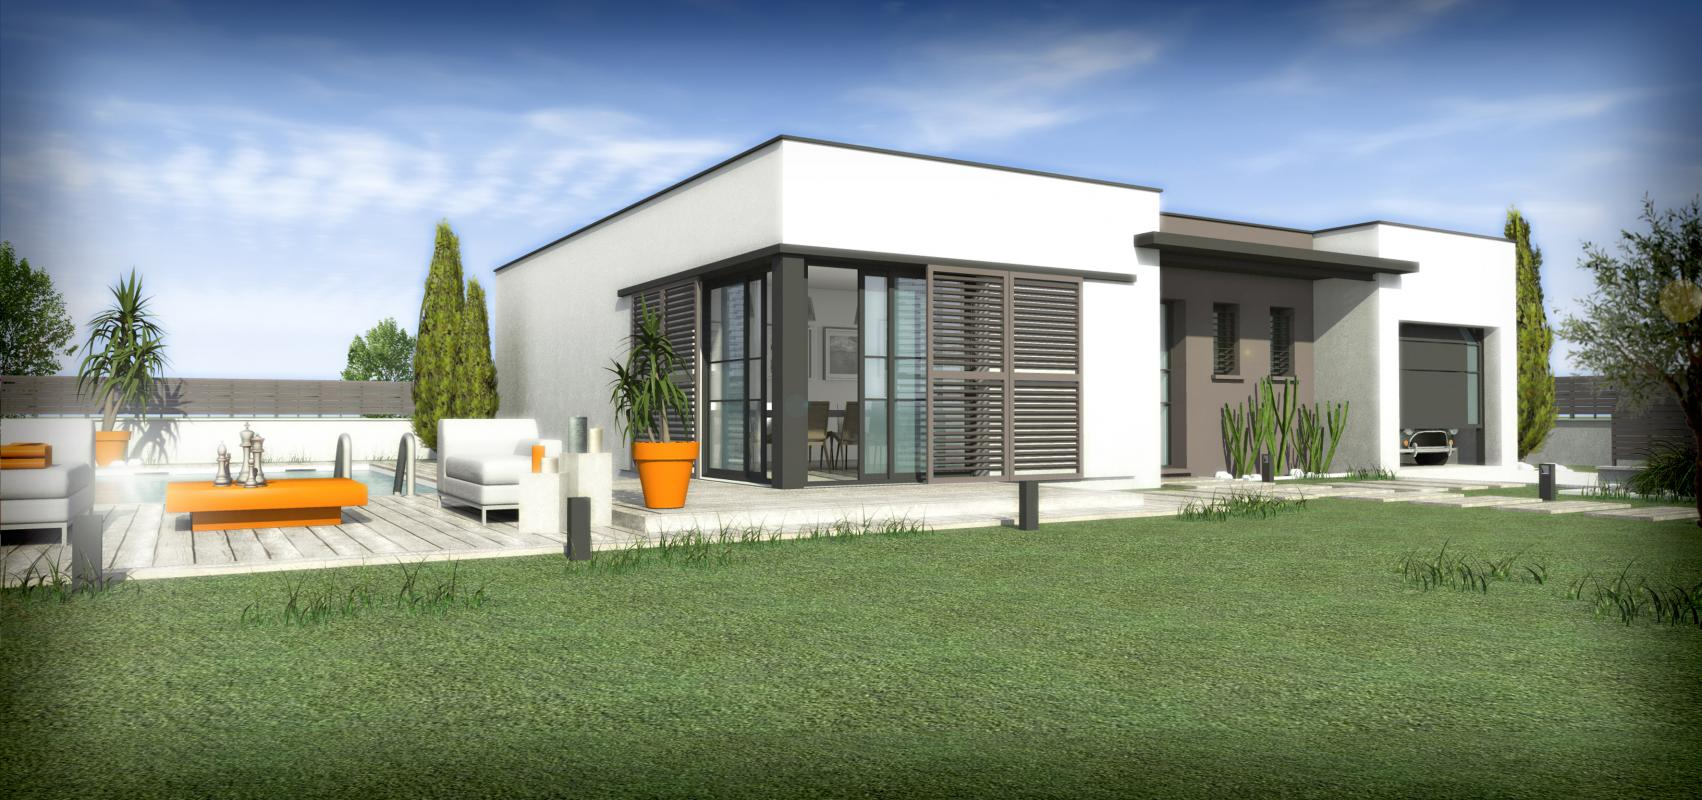 Maisons + Terrains du constructeur SM MAISON • 120 m² • PERPIGNAN